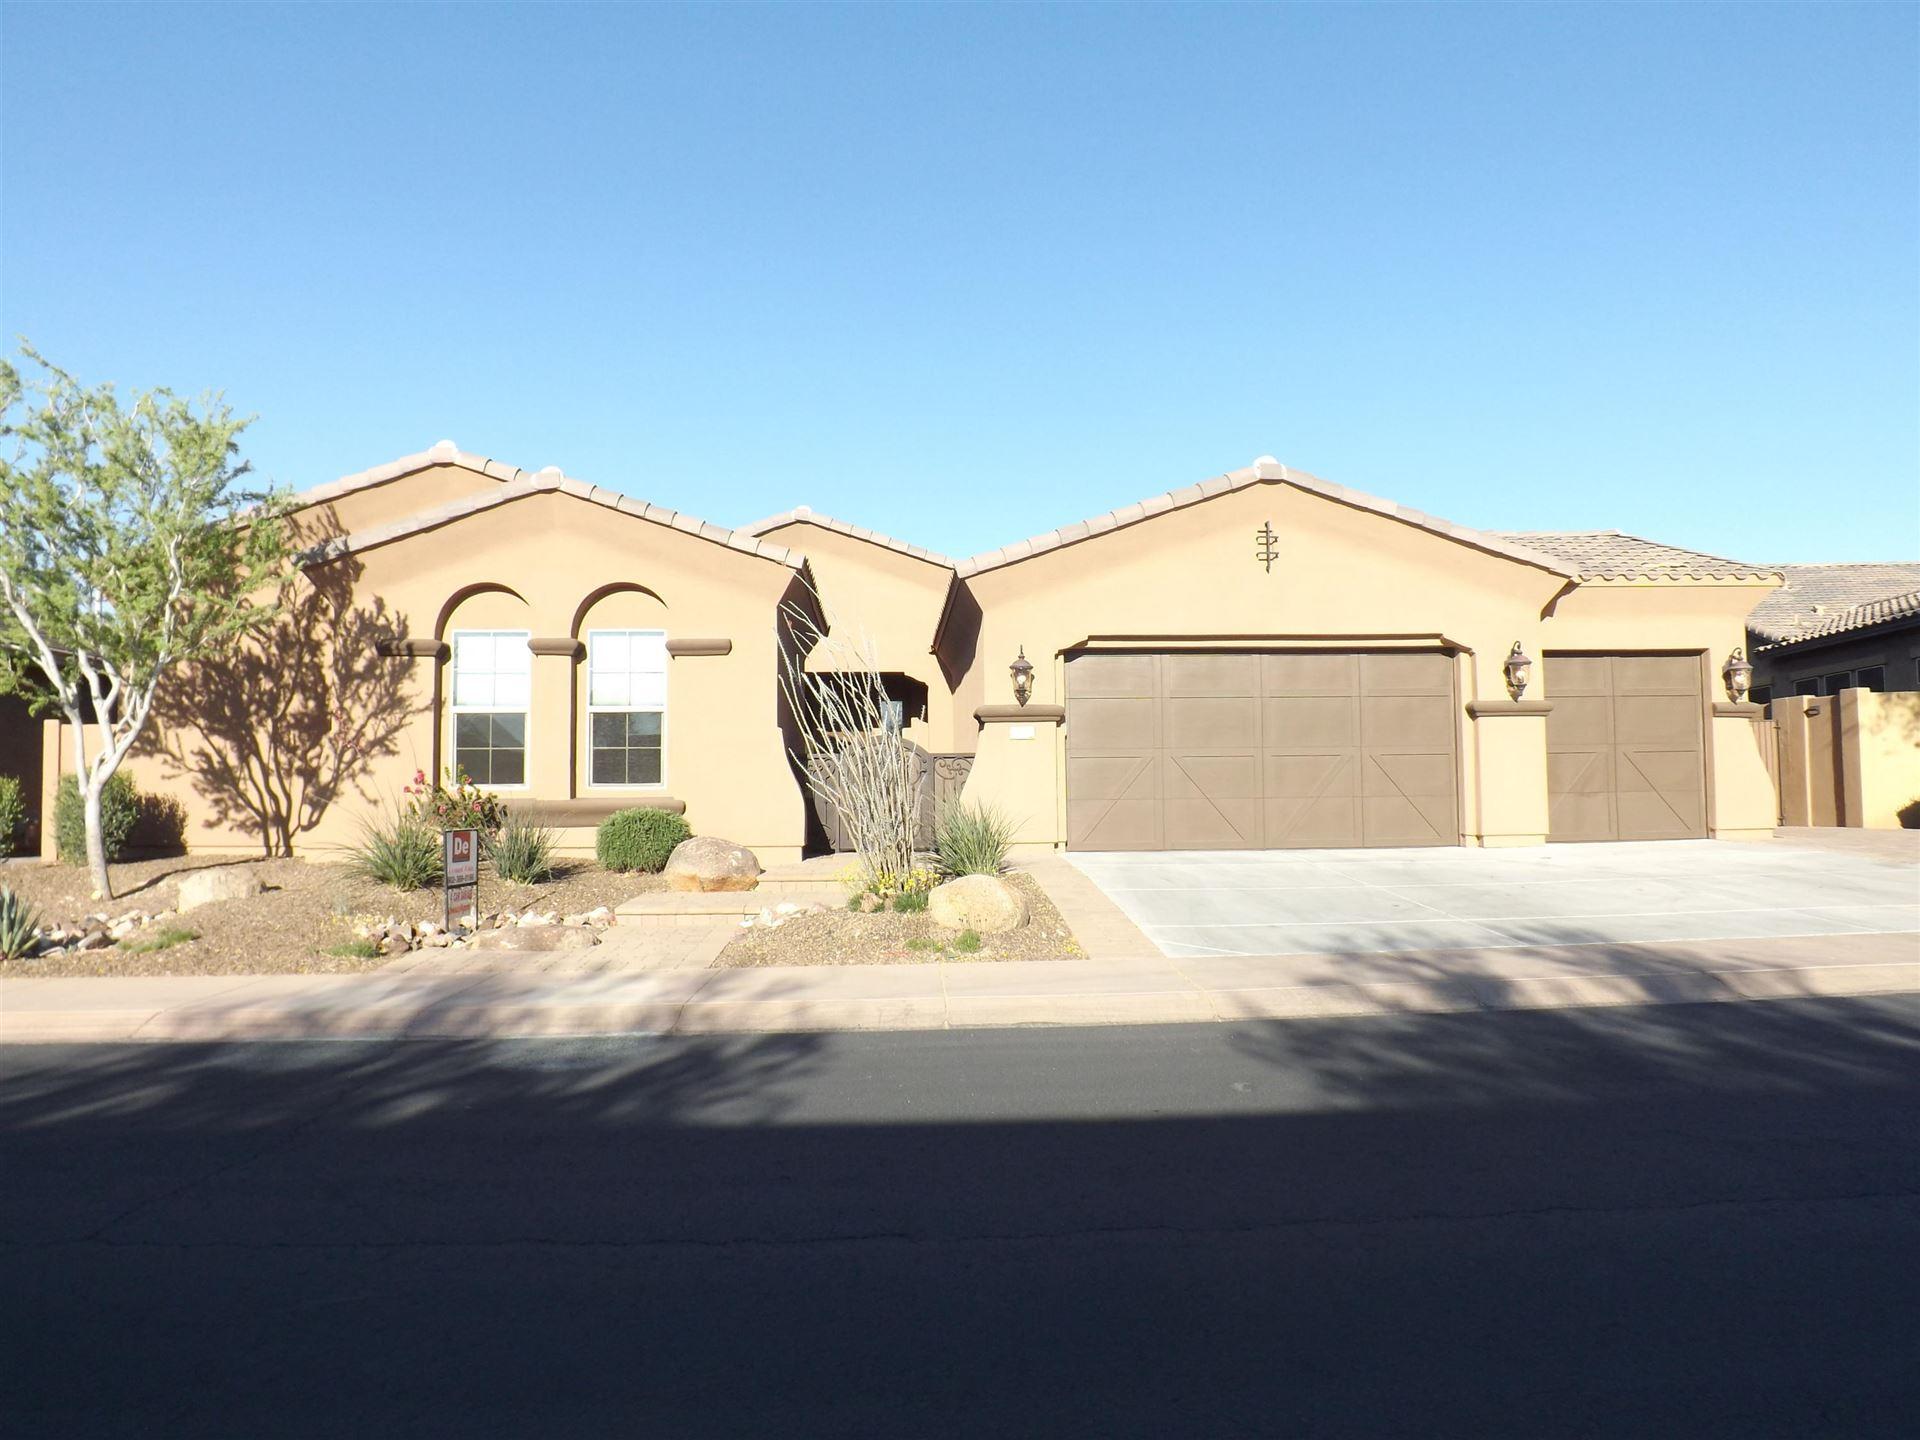 31774 N 129TH Drive, Peoria, AZ 85383 - MLS#: 6223285